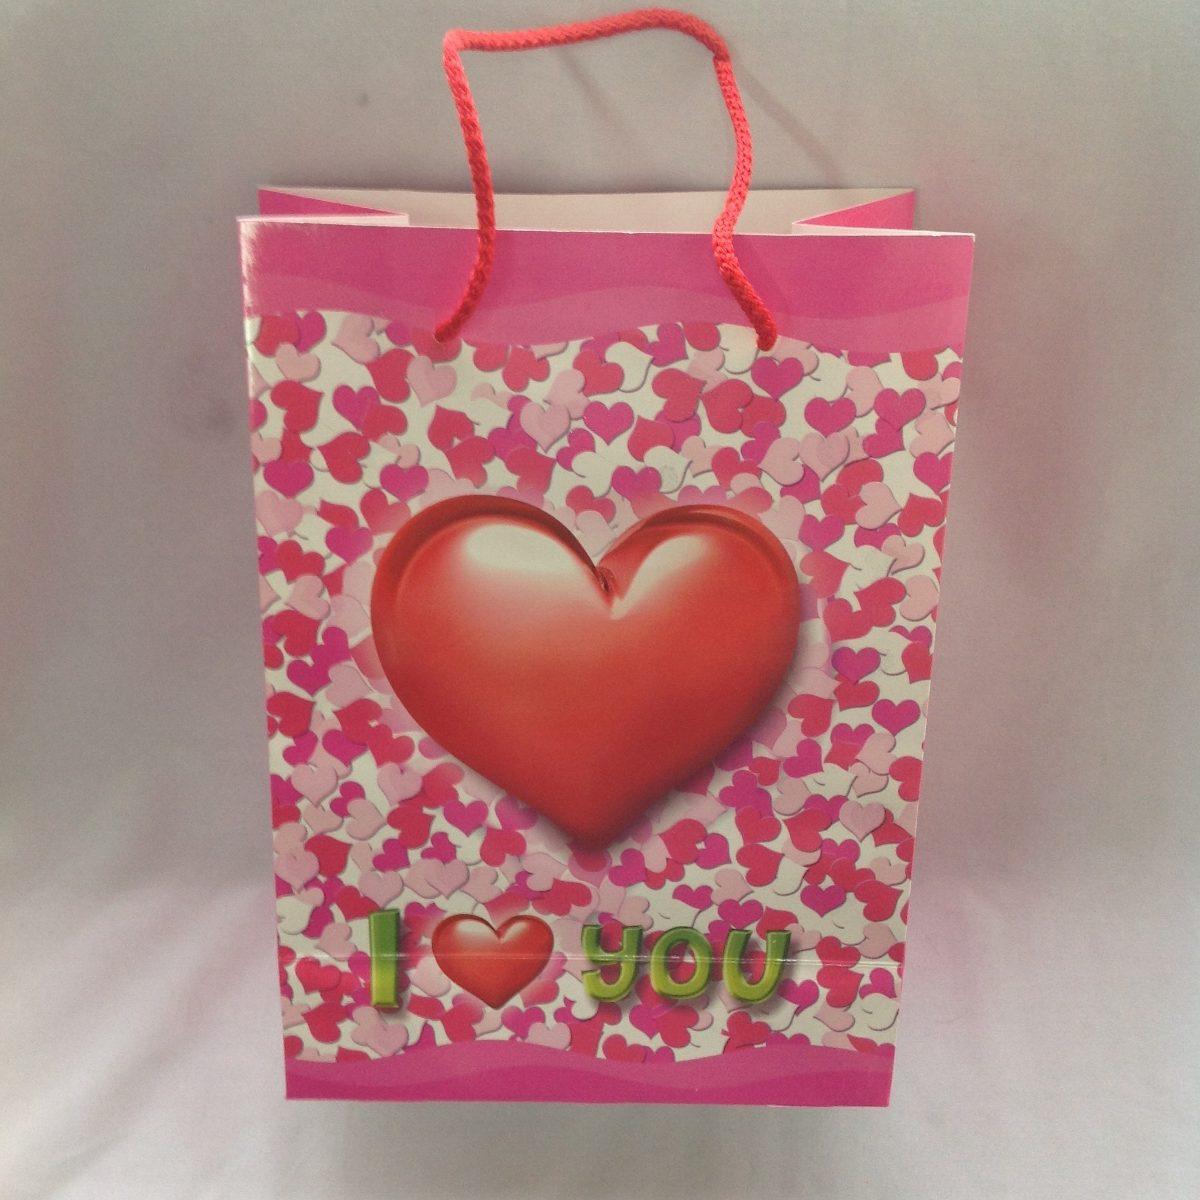 Bolsa De Mão R$ : Bolsa para empaque regalo dipak de lujo cartulina amor